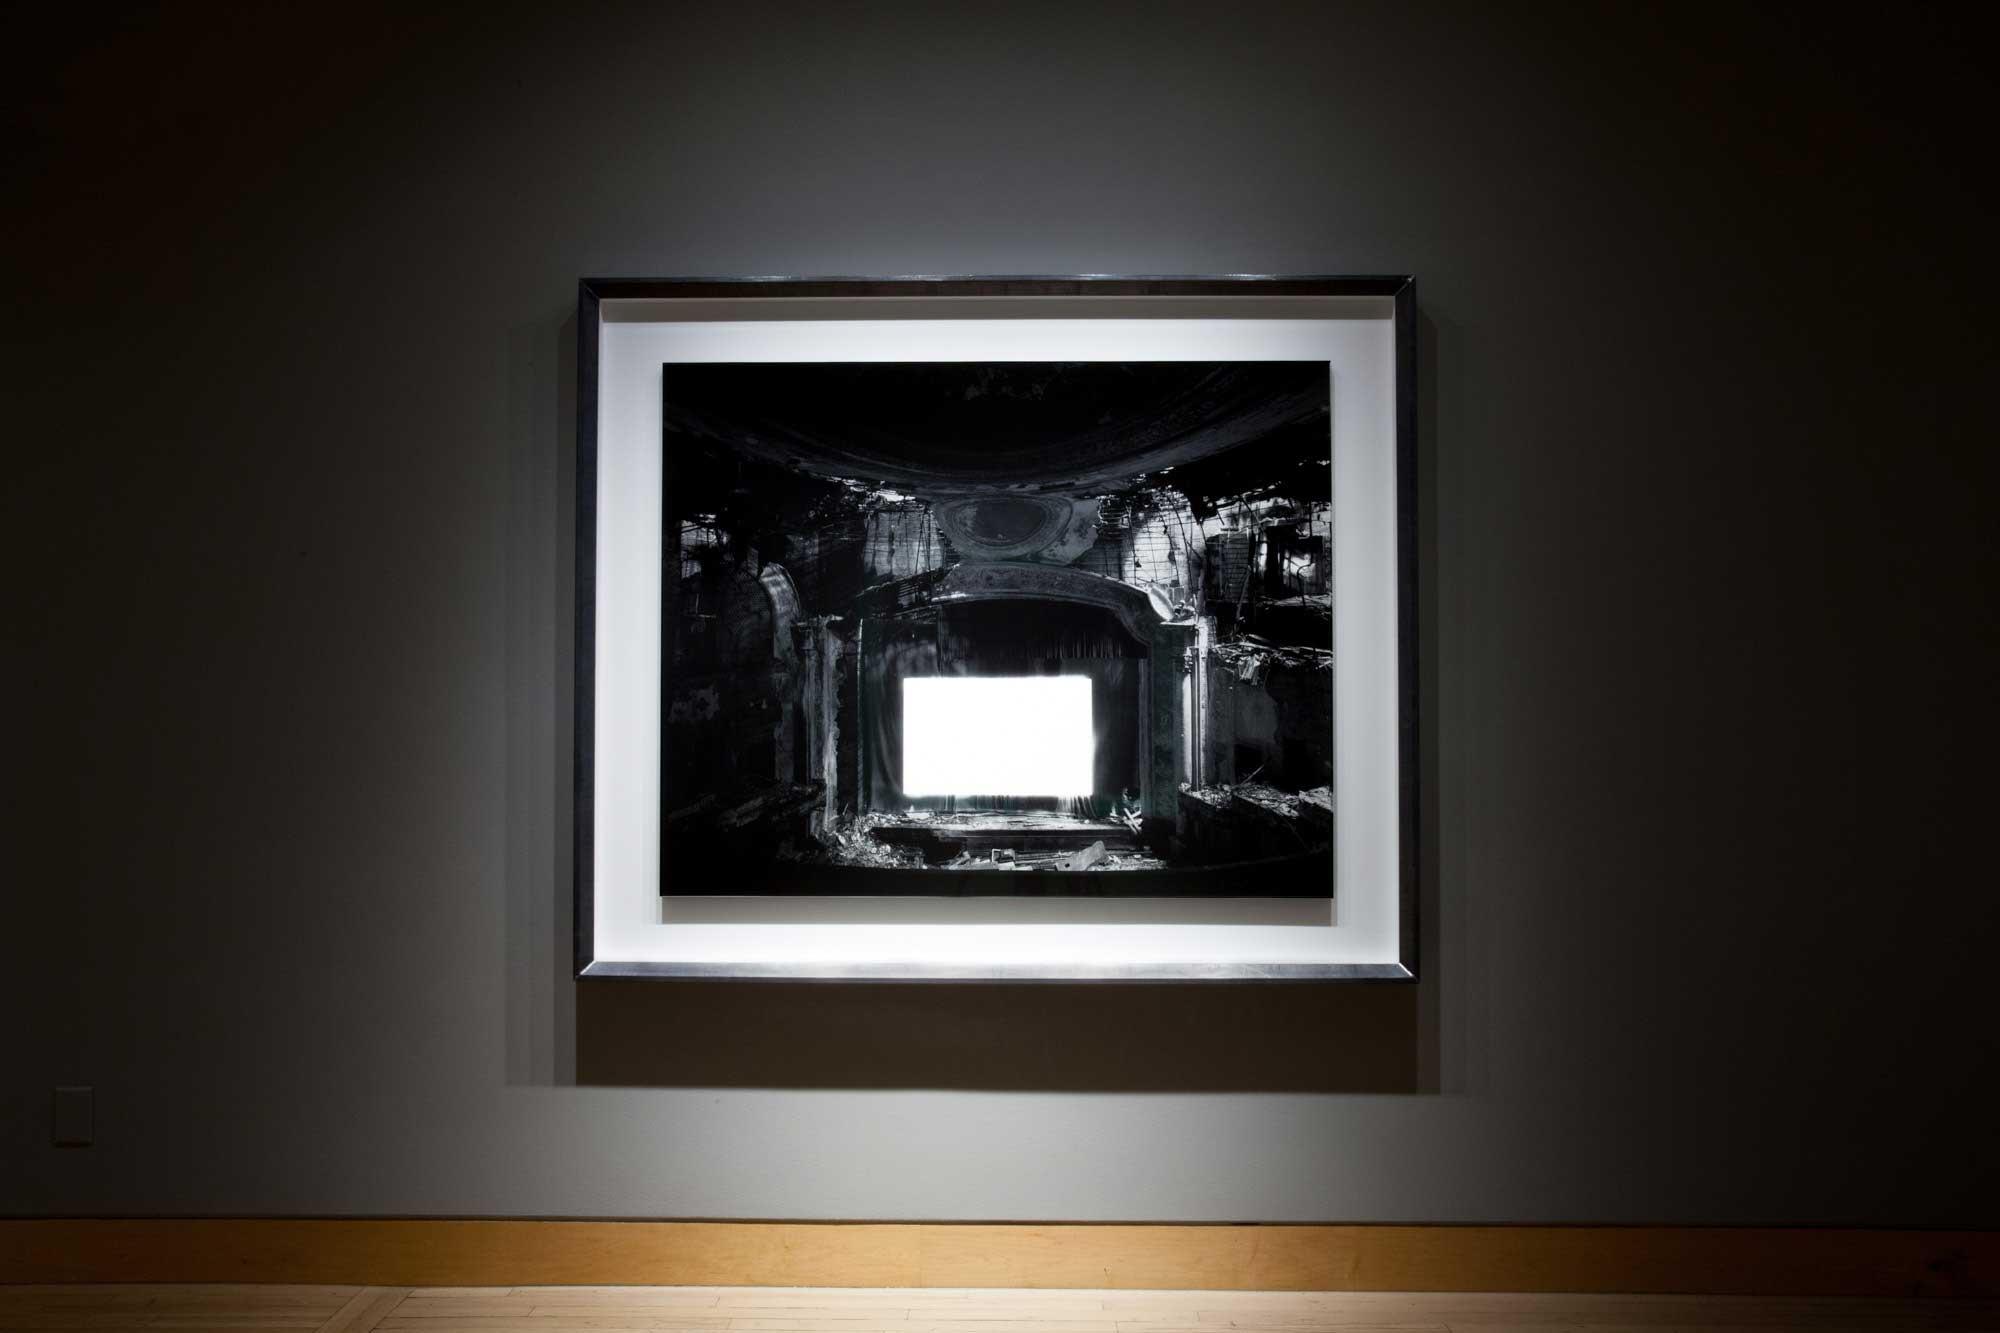 Fraenkel Gallery / Hiroshi Sugimoto